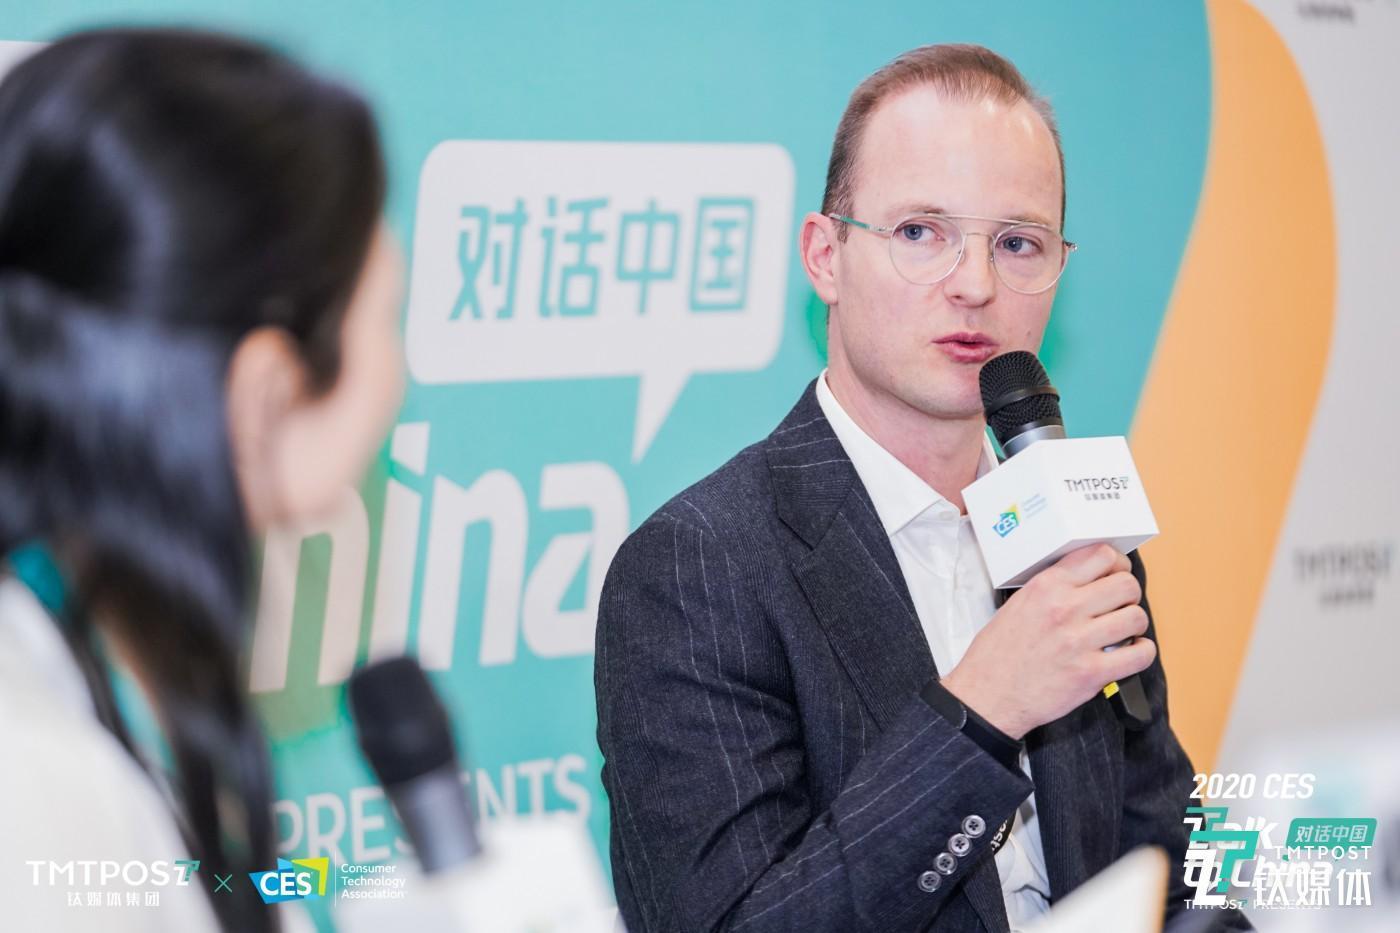 科思创聚碳酸酯业务部全球电子电气及家电市场营销副总裁  Andreas Brandt